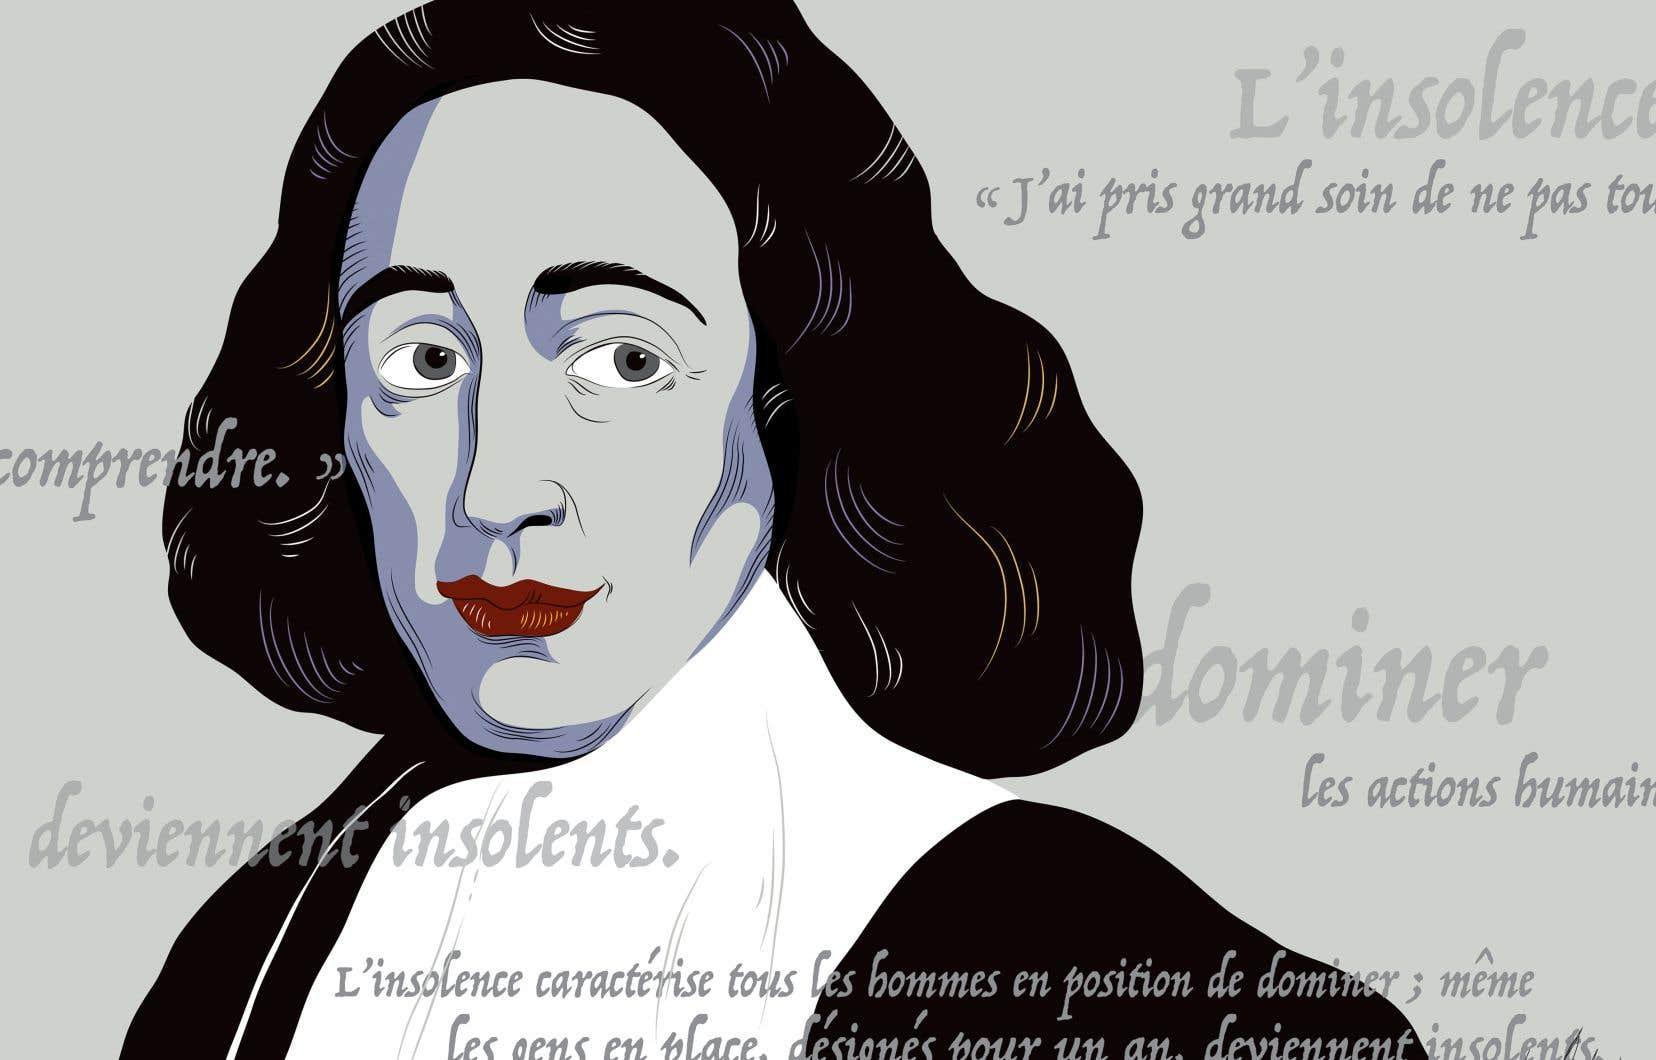 La doctrine: Spinoza situe la nature, Dieu, l'homme et toutes les choses dans un système parfaitement rationnel. Selon lui, l'homme et ses sentiments, comme toutes les choses de la nature, suivent un raisonnement logique.